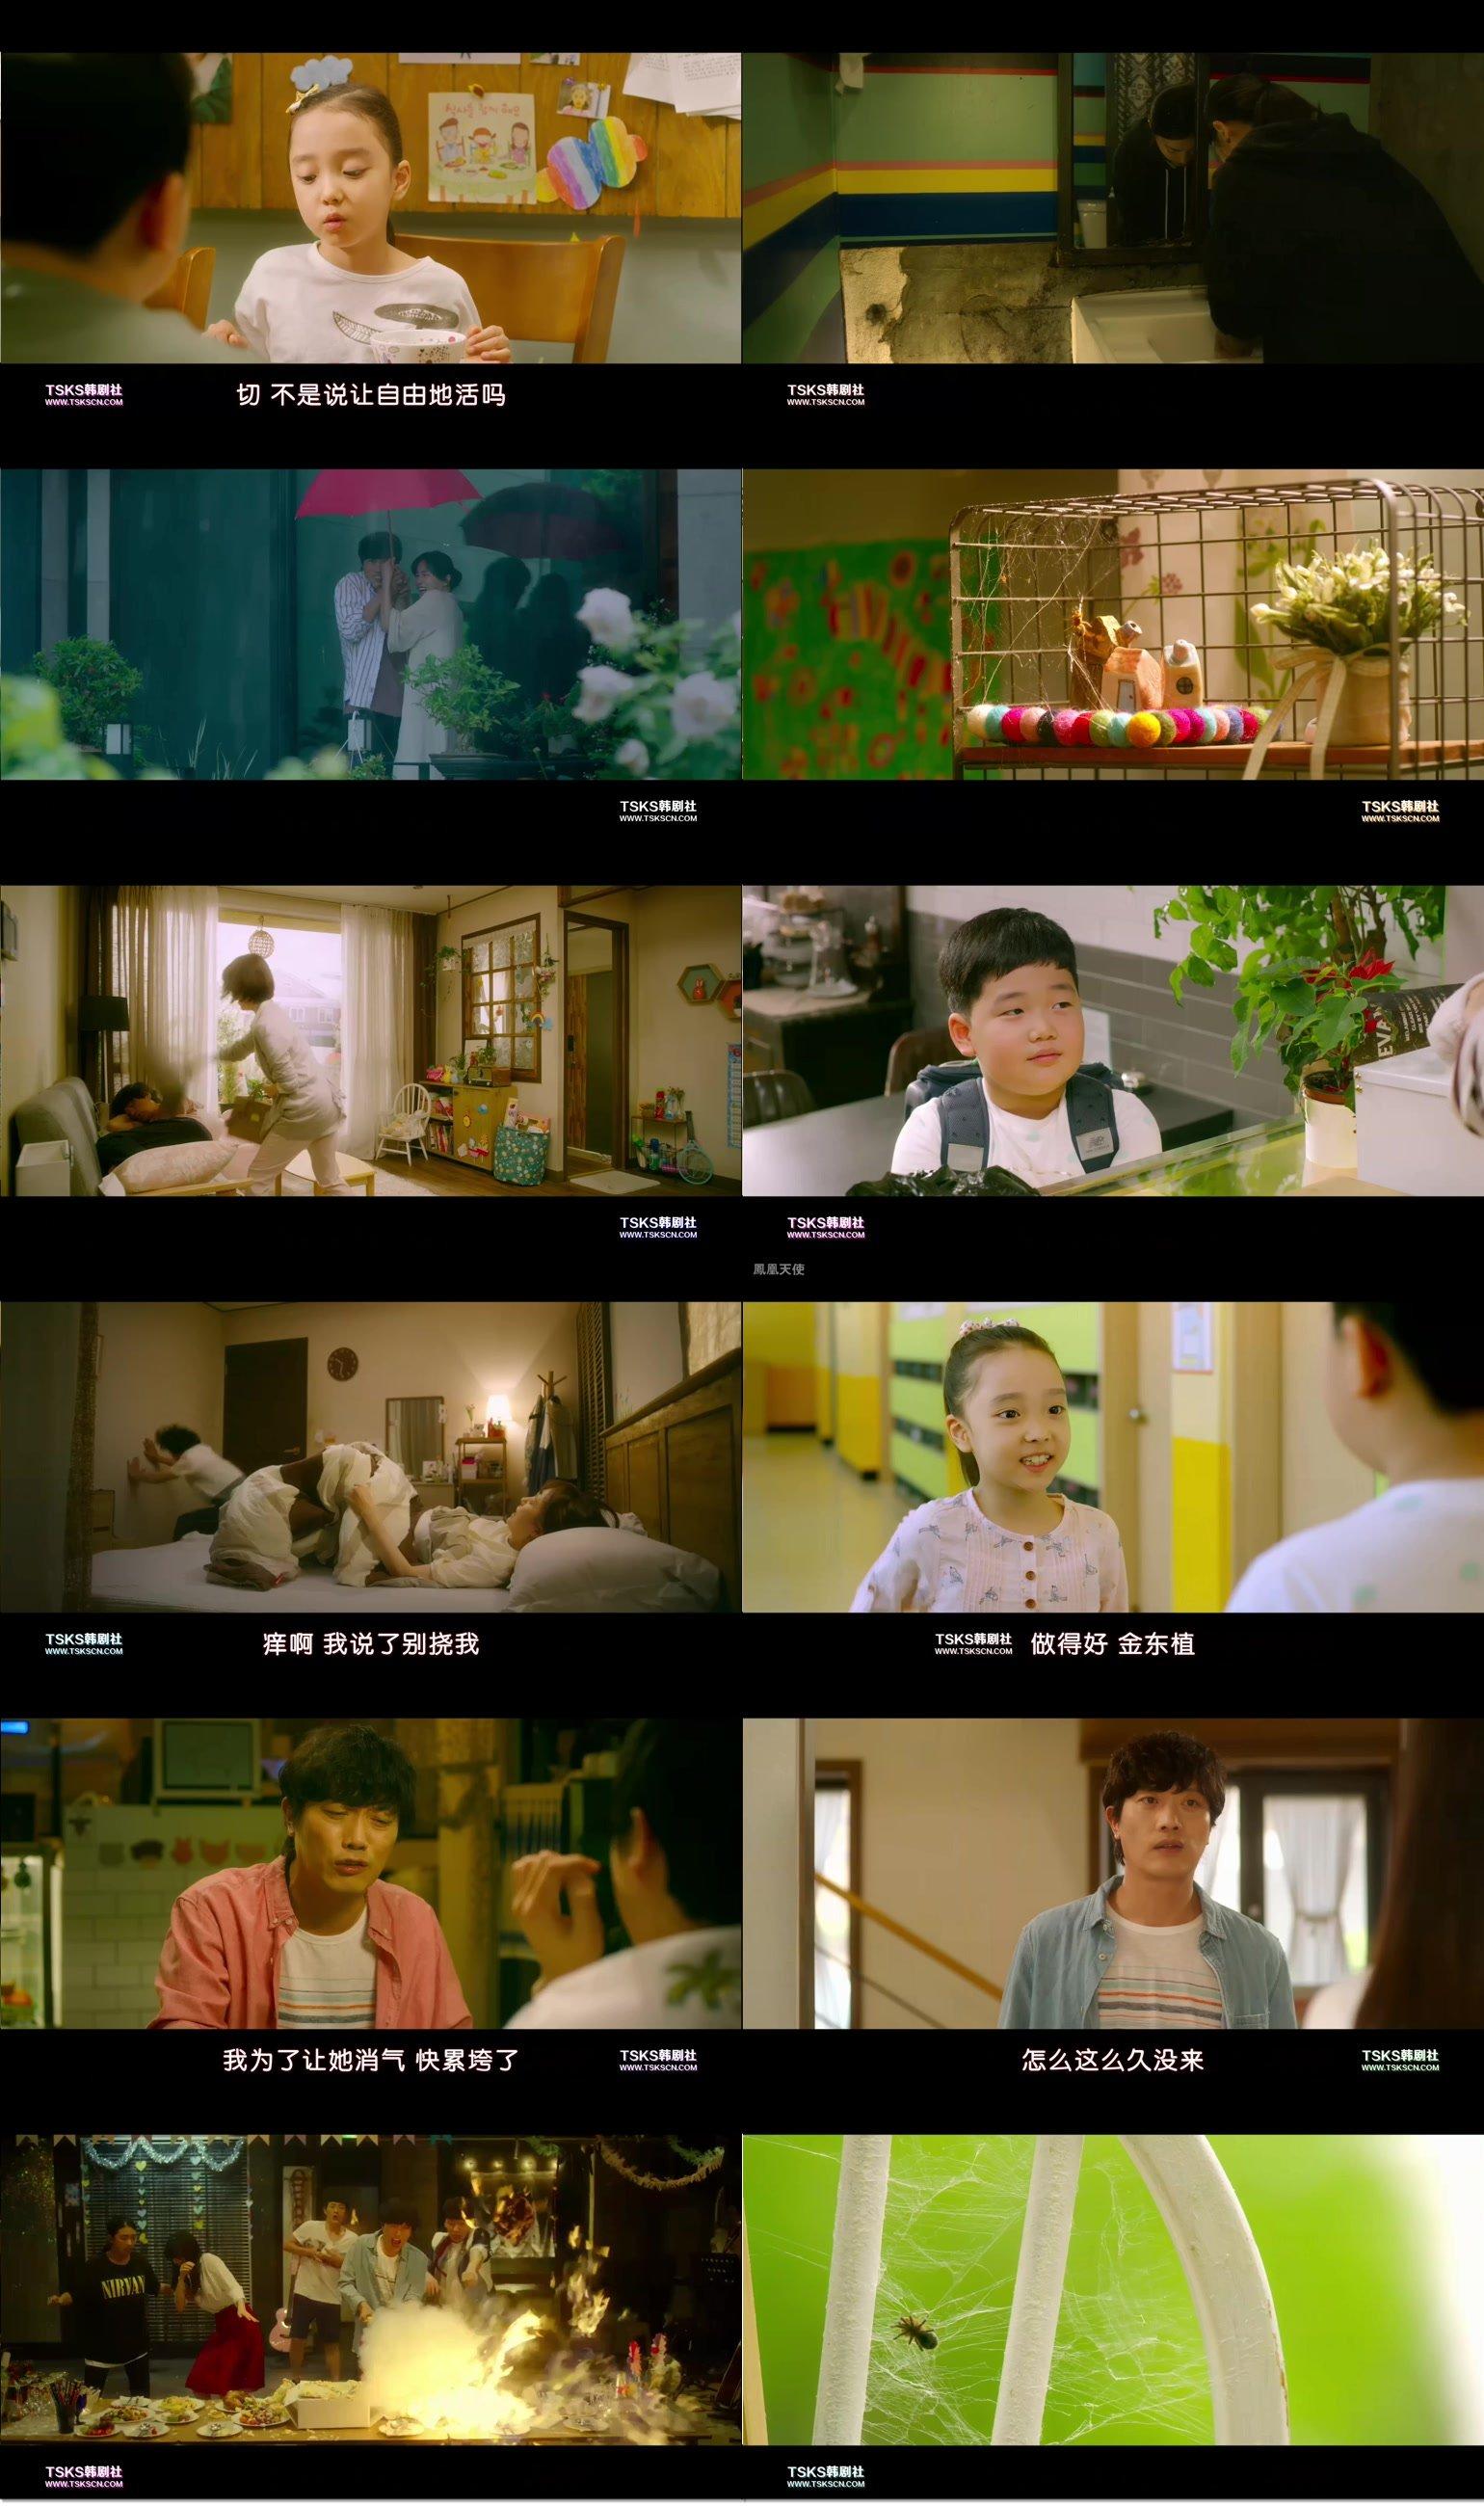 這邊是[韓] 新奇士家族Sun-Kissed Family.2019.HD-720p[MKV@1.5G@簡中]圖片的自定義alt信息;548633,730673,haokuku,7